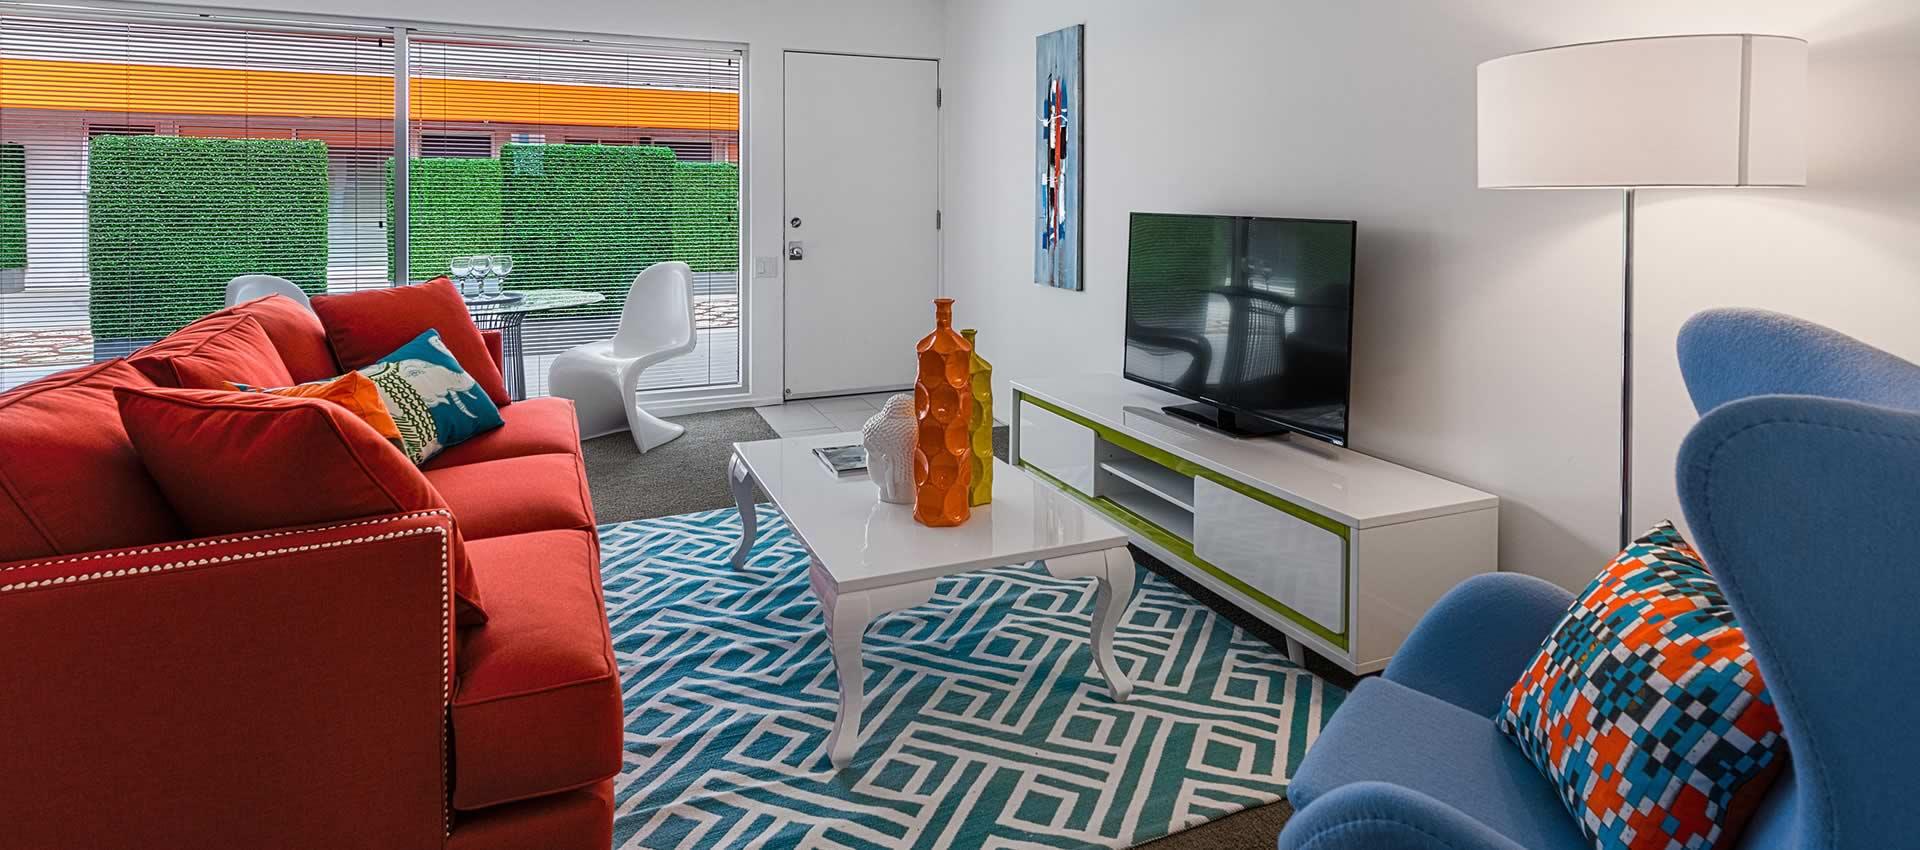 twist-hotel-room221-livingroom-01